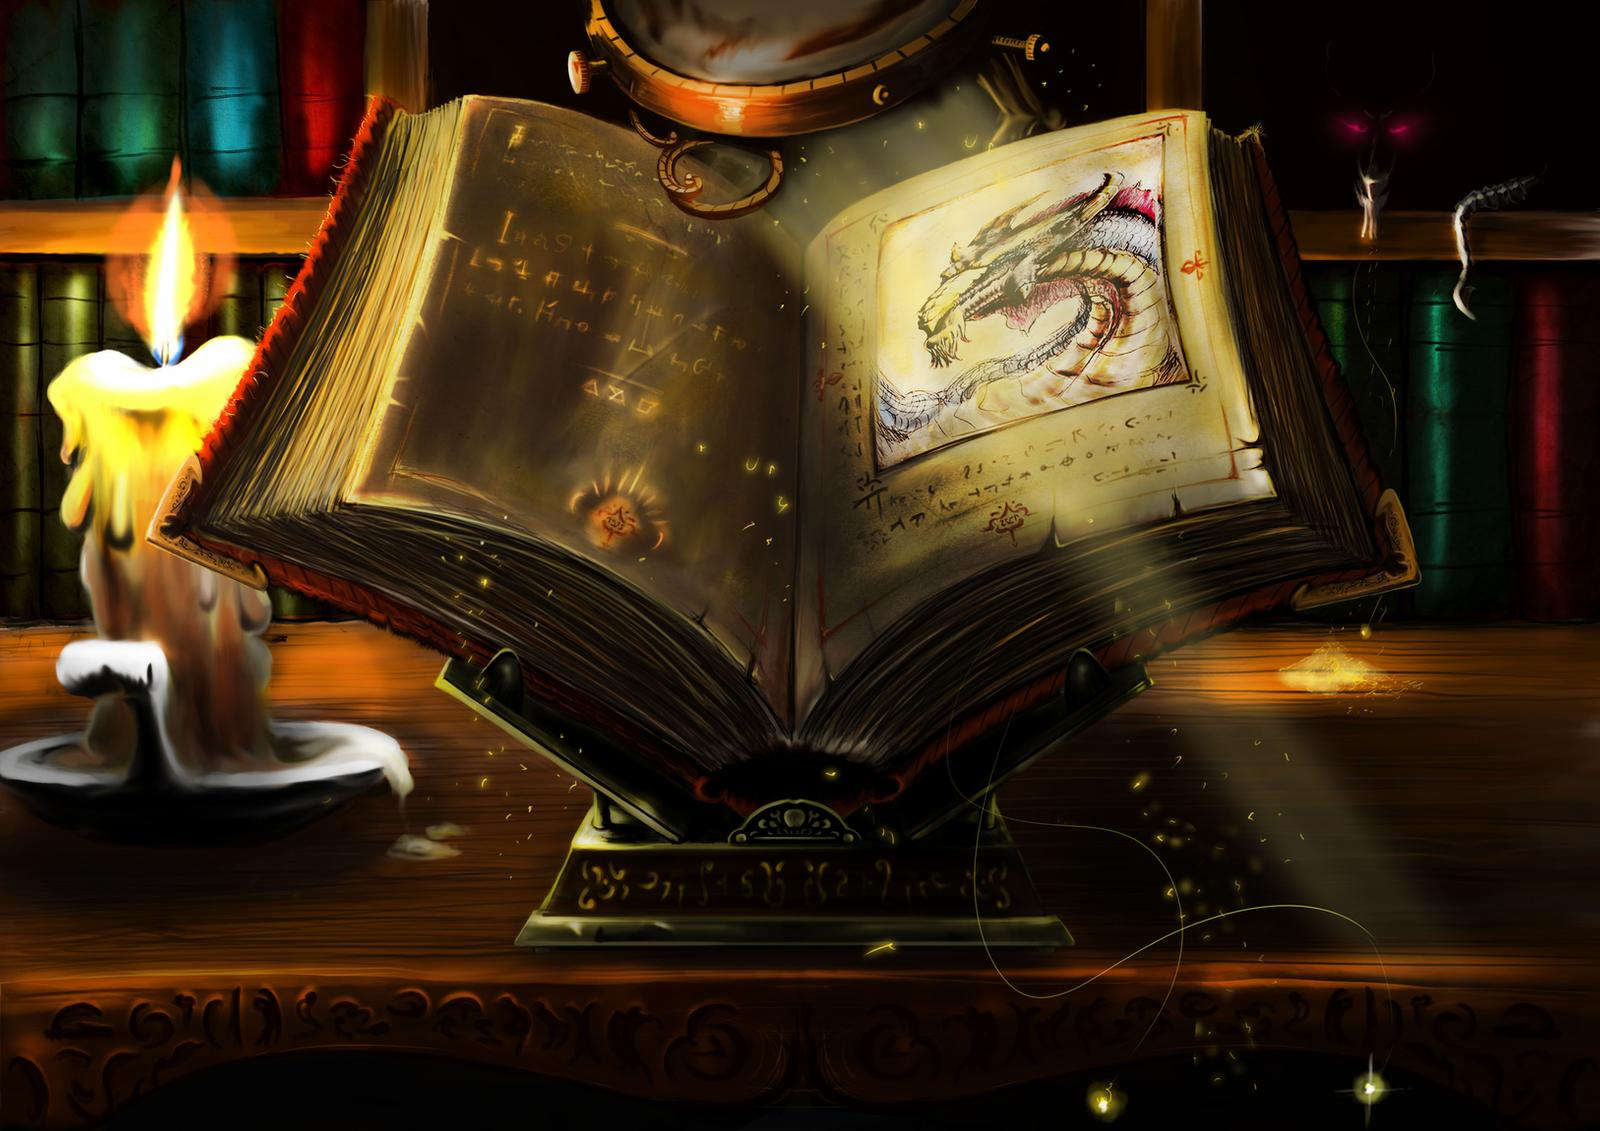 book_of_monsters_by_gailee-d563tn5.jpg